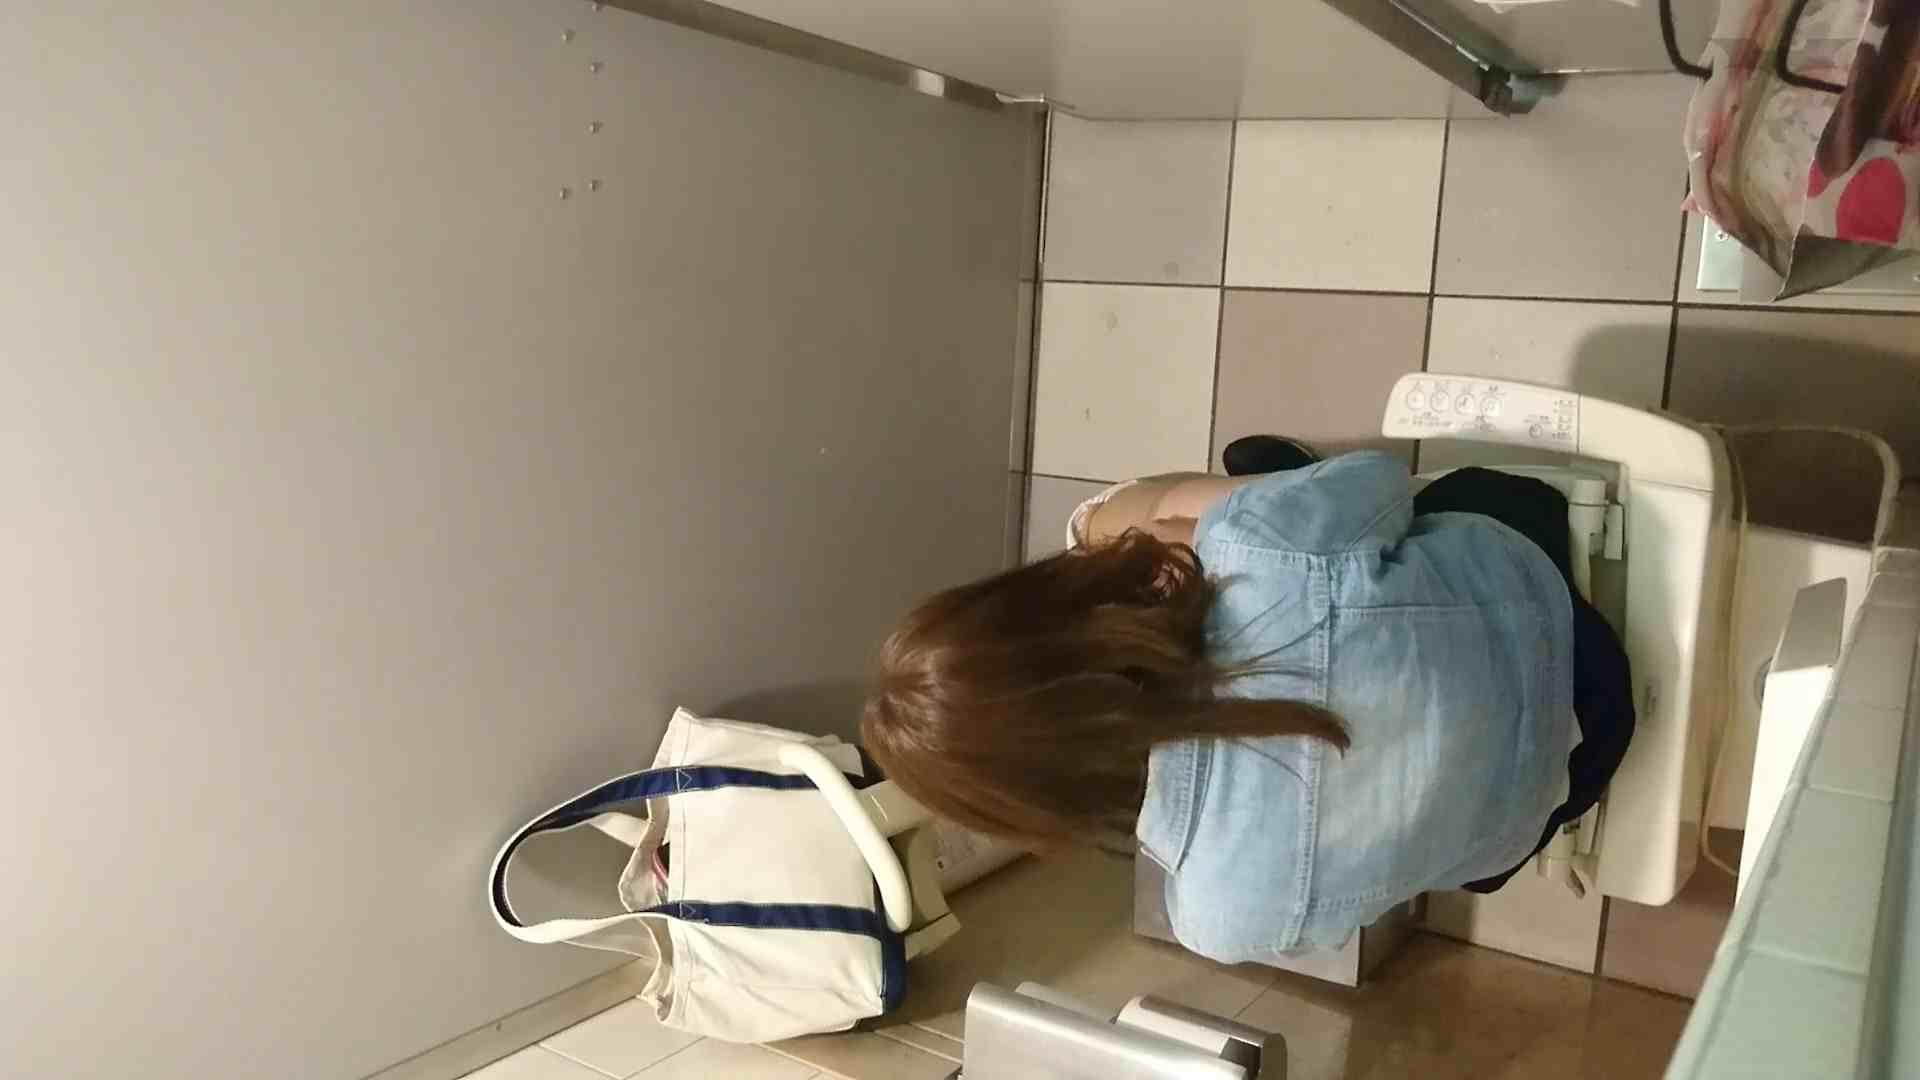 化粧室絵巻 ショッピングモール編 VOL.17 むっちりガール  104枚 16